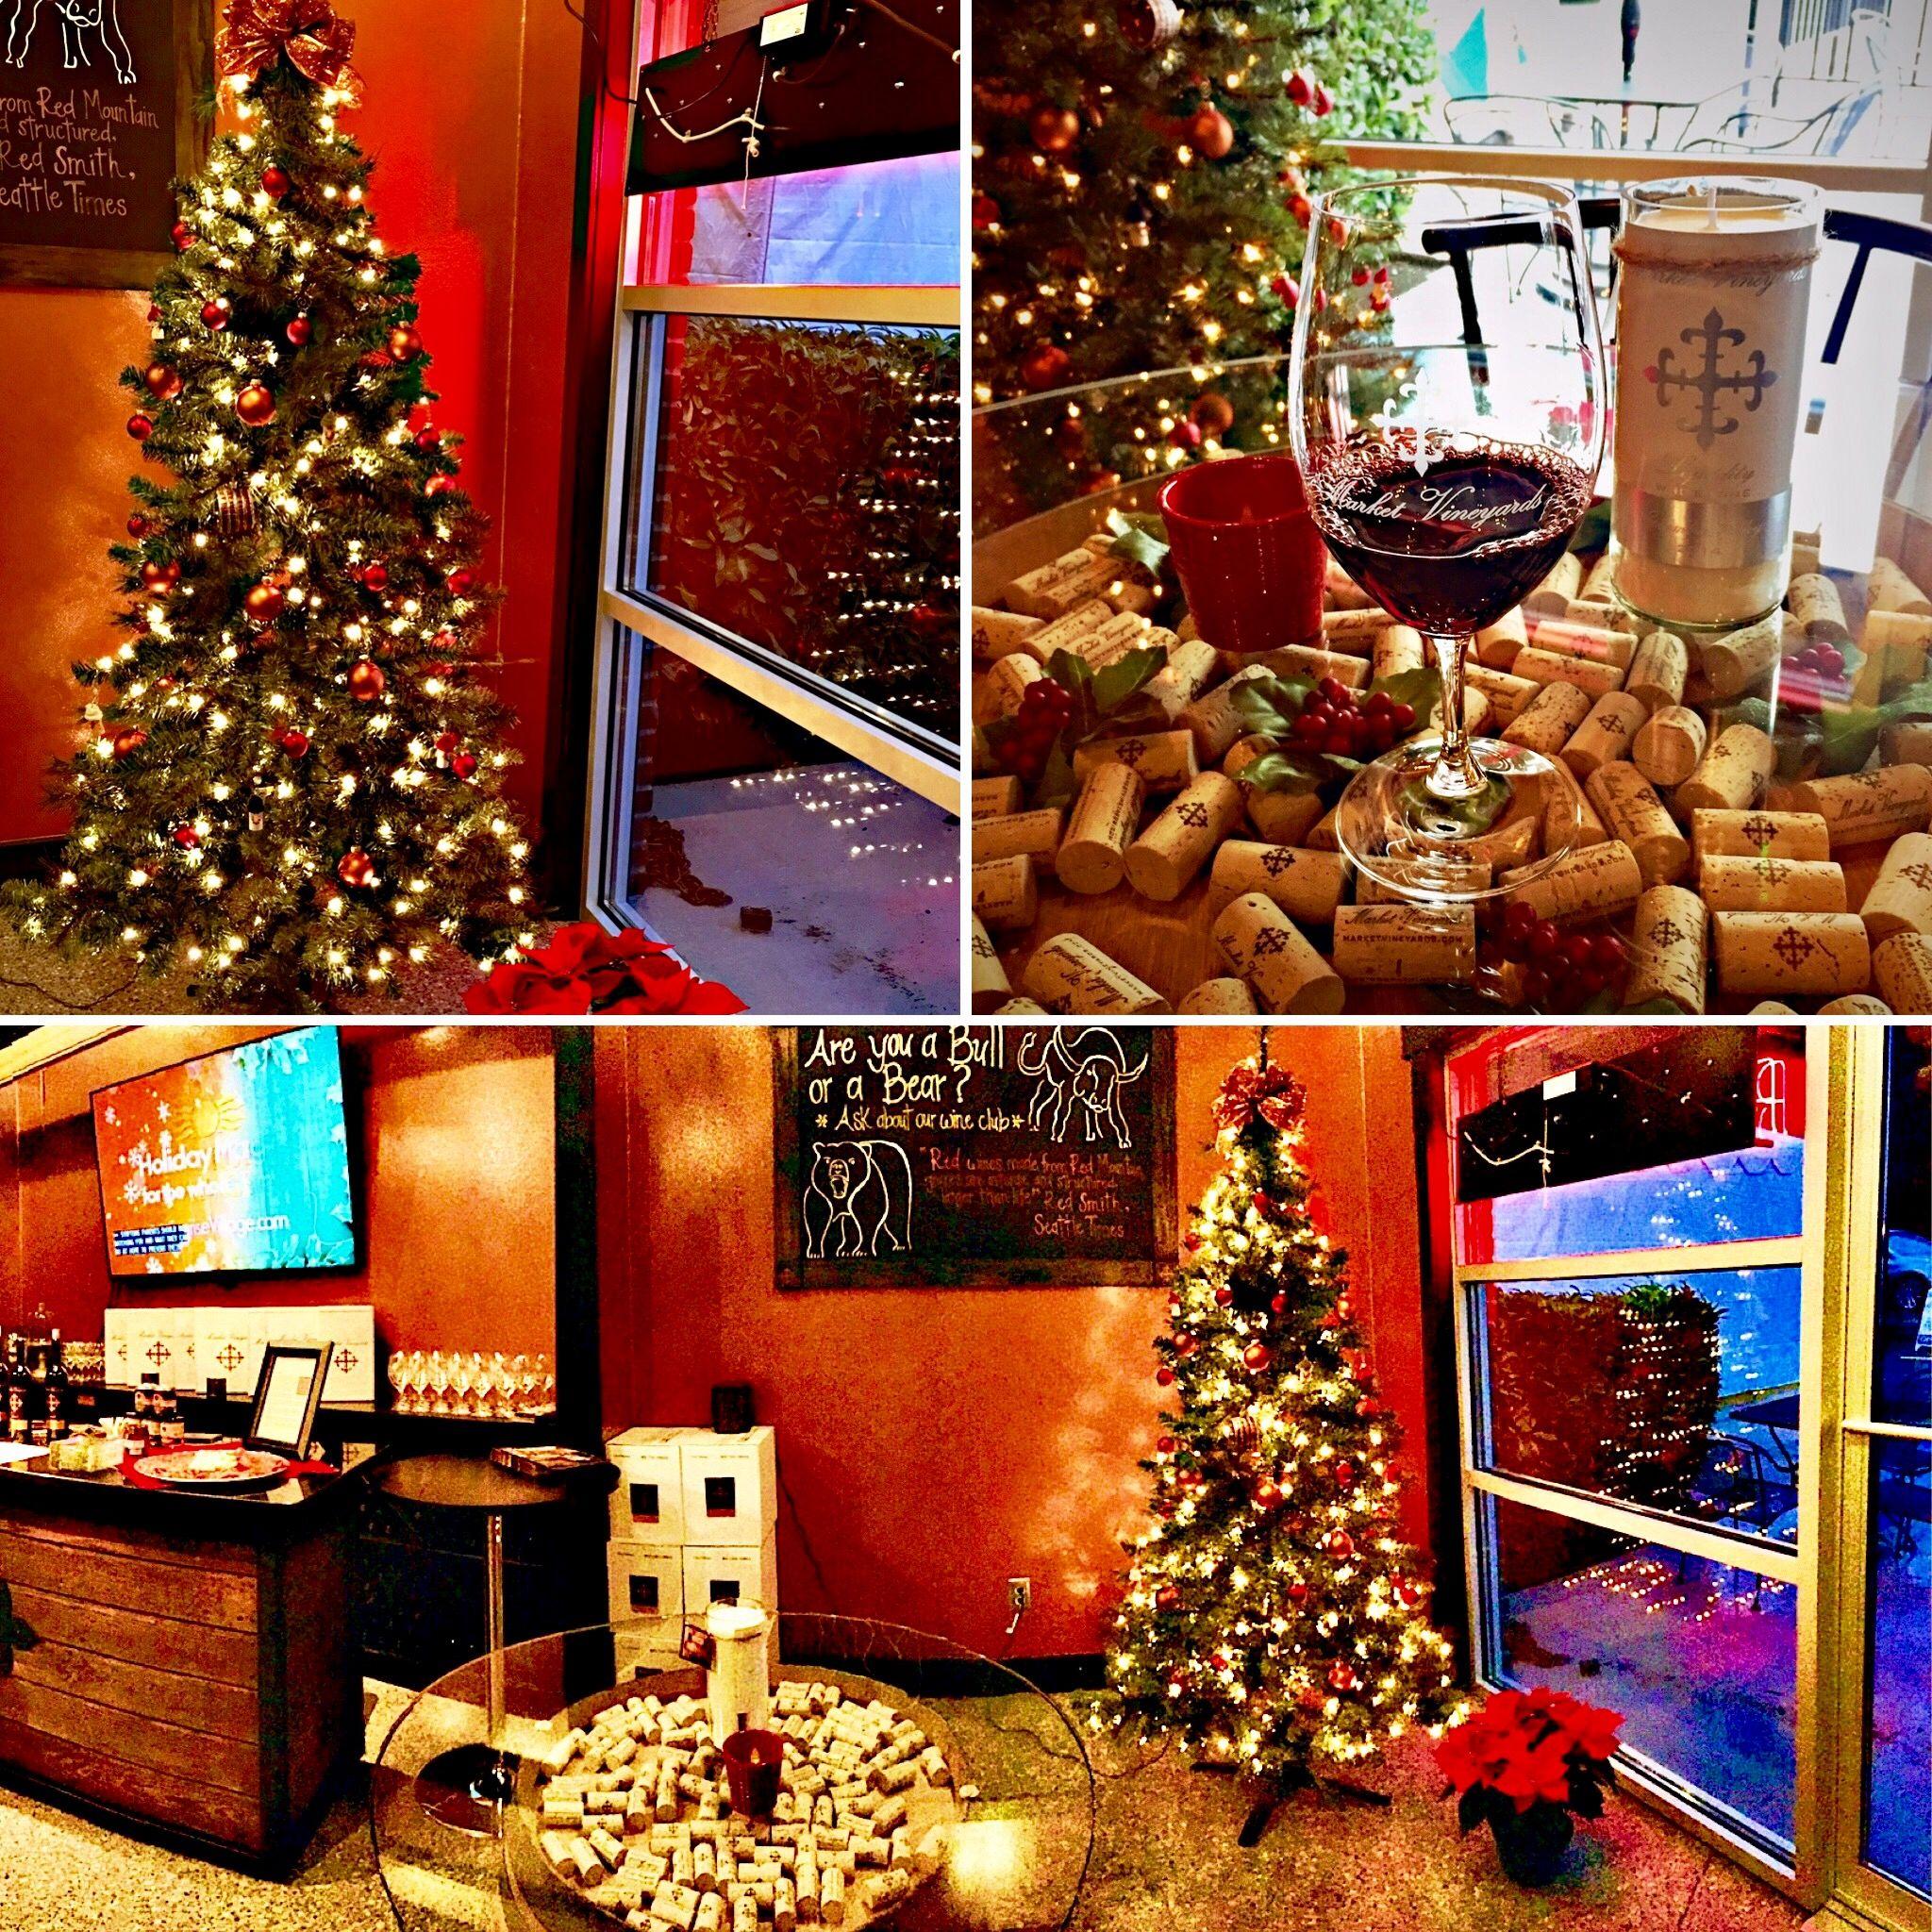 Woodinville Tasting Room December 2016 Holiday Decor Tasting Room Christmas Tree